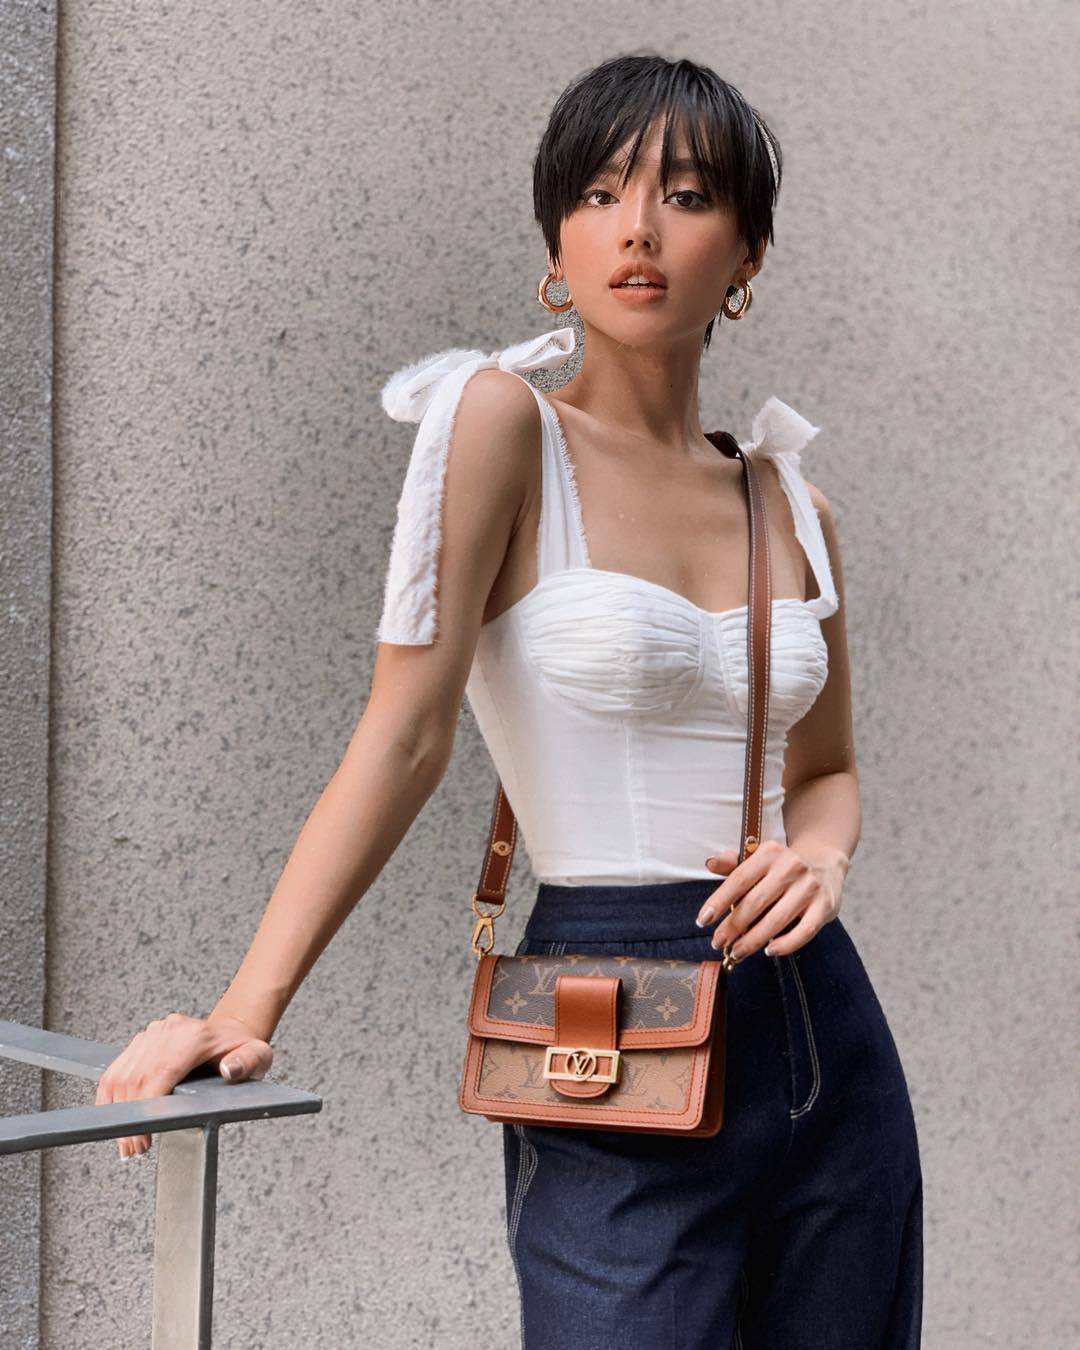 khánh linh mặc áo corset trắng thắt nơ quần jeans ống loe